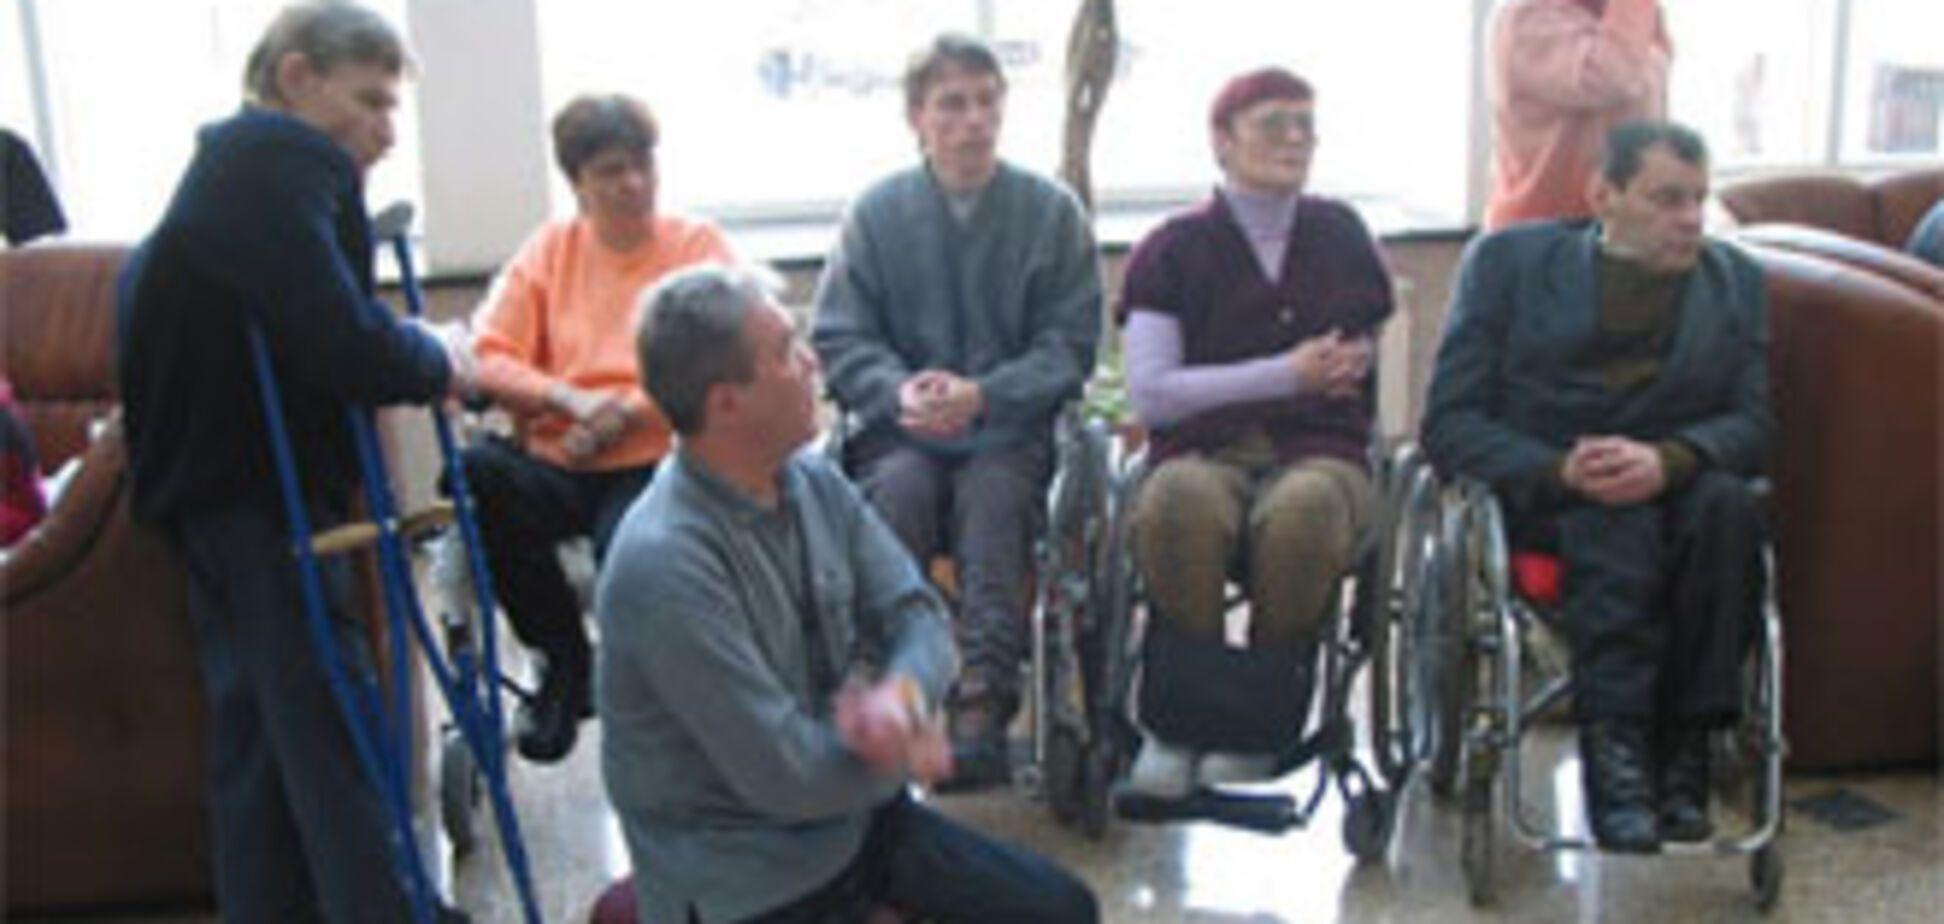 Директор организации инвалидов прикарманила 1 млн грн